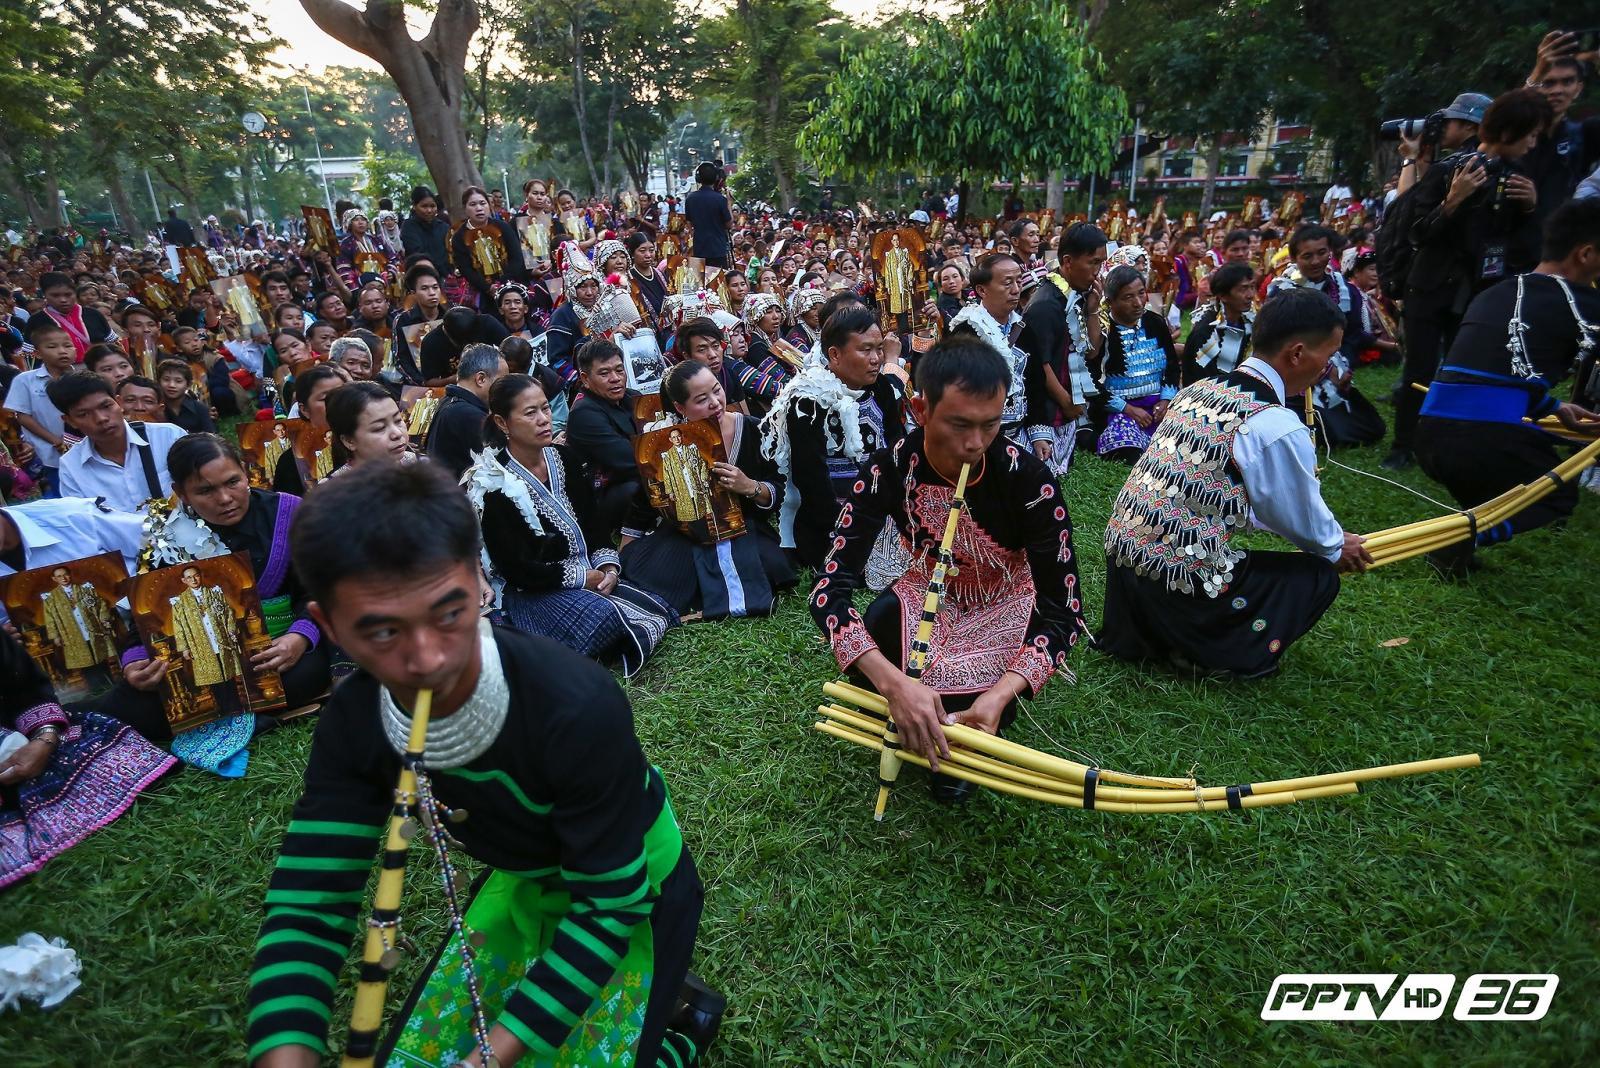 40 ชนเผ่า ตกหล่นทางทะเบียนราษฎร์ เข้ากราบพระบรมศพ(คลิป)